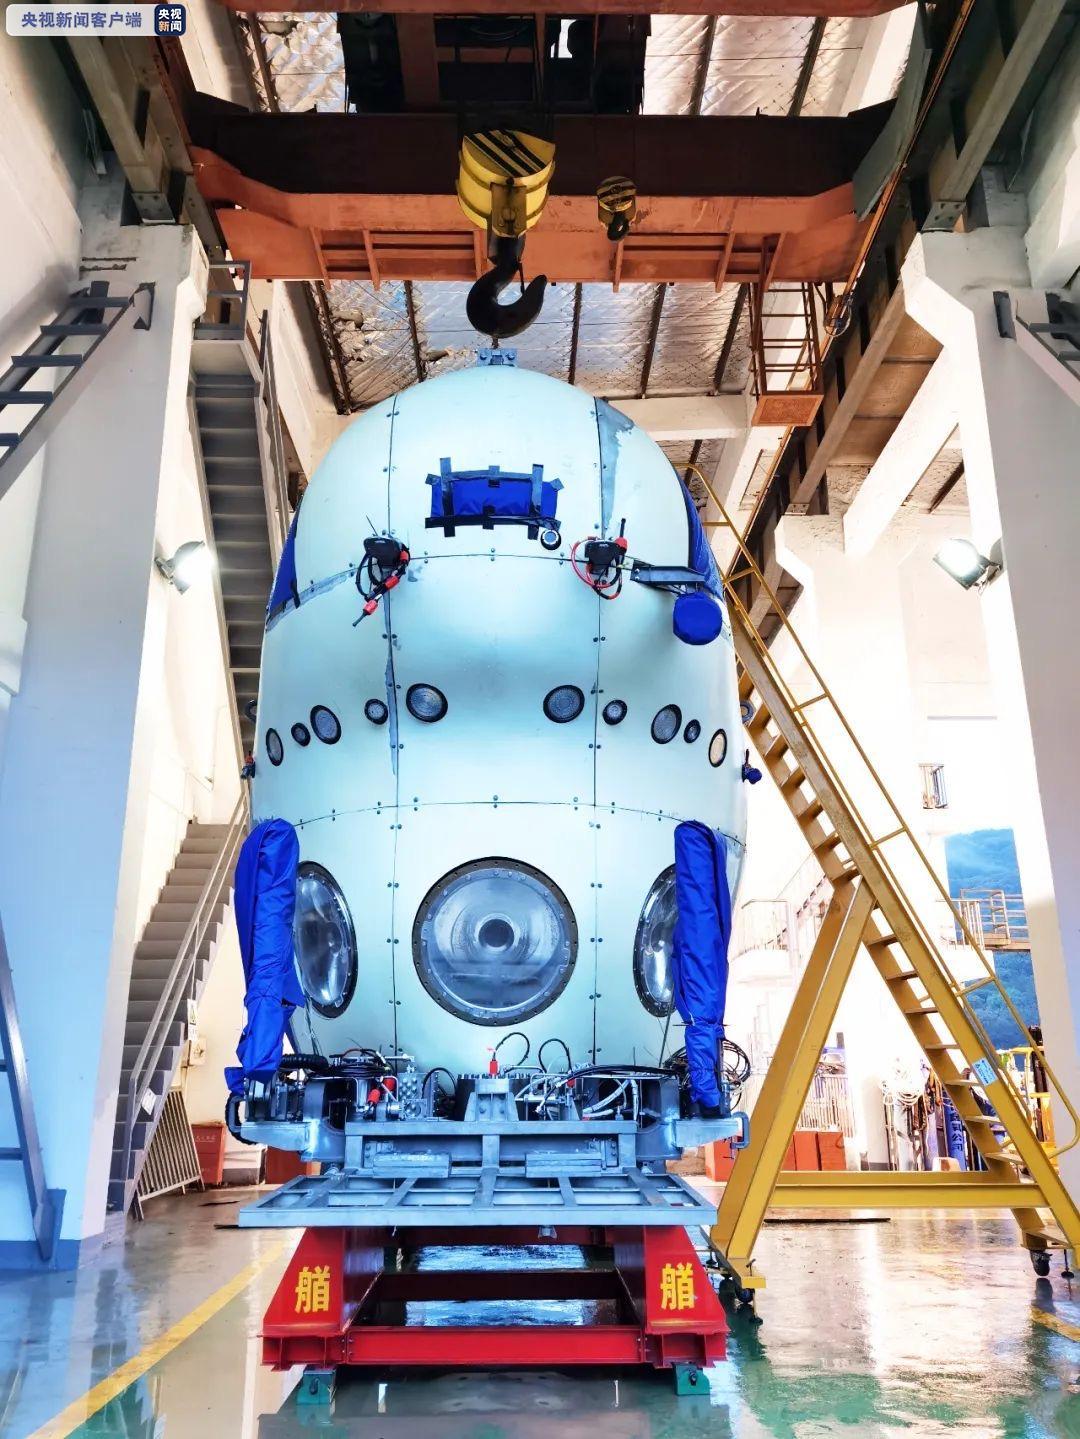 【乐陵精品】_定了!中国万米载人潜水器命名为:奋斗者号